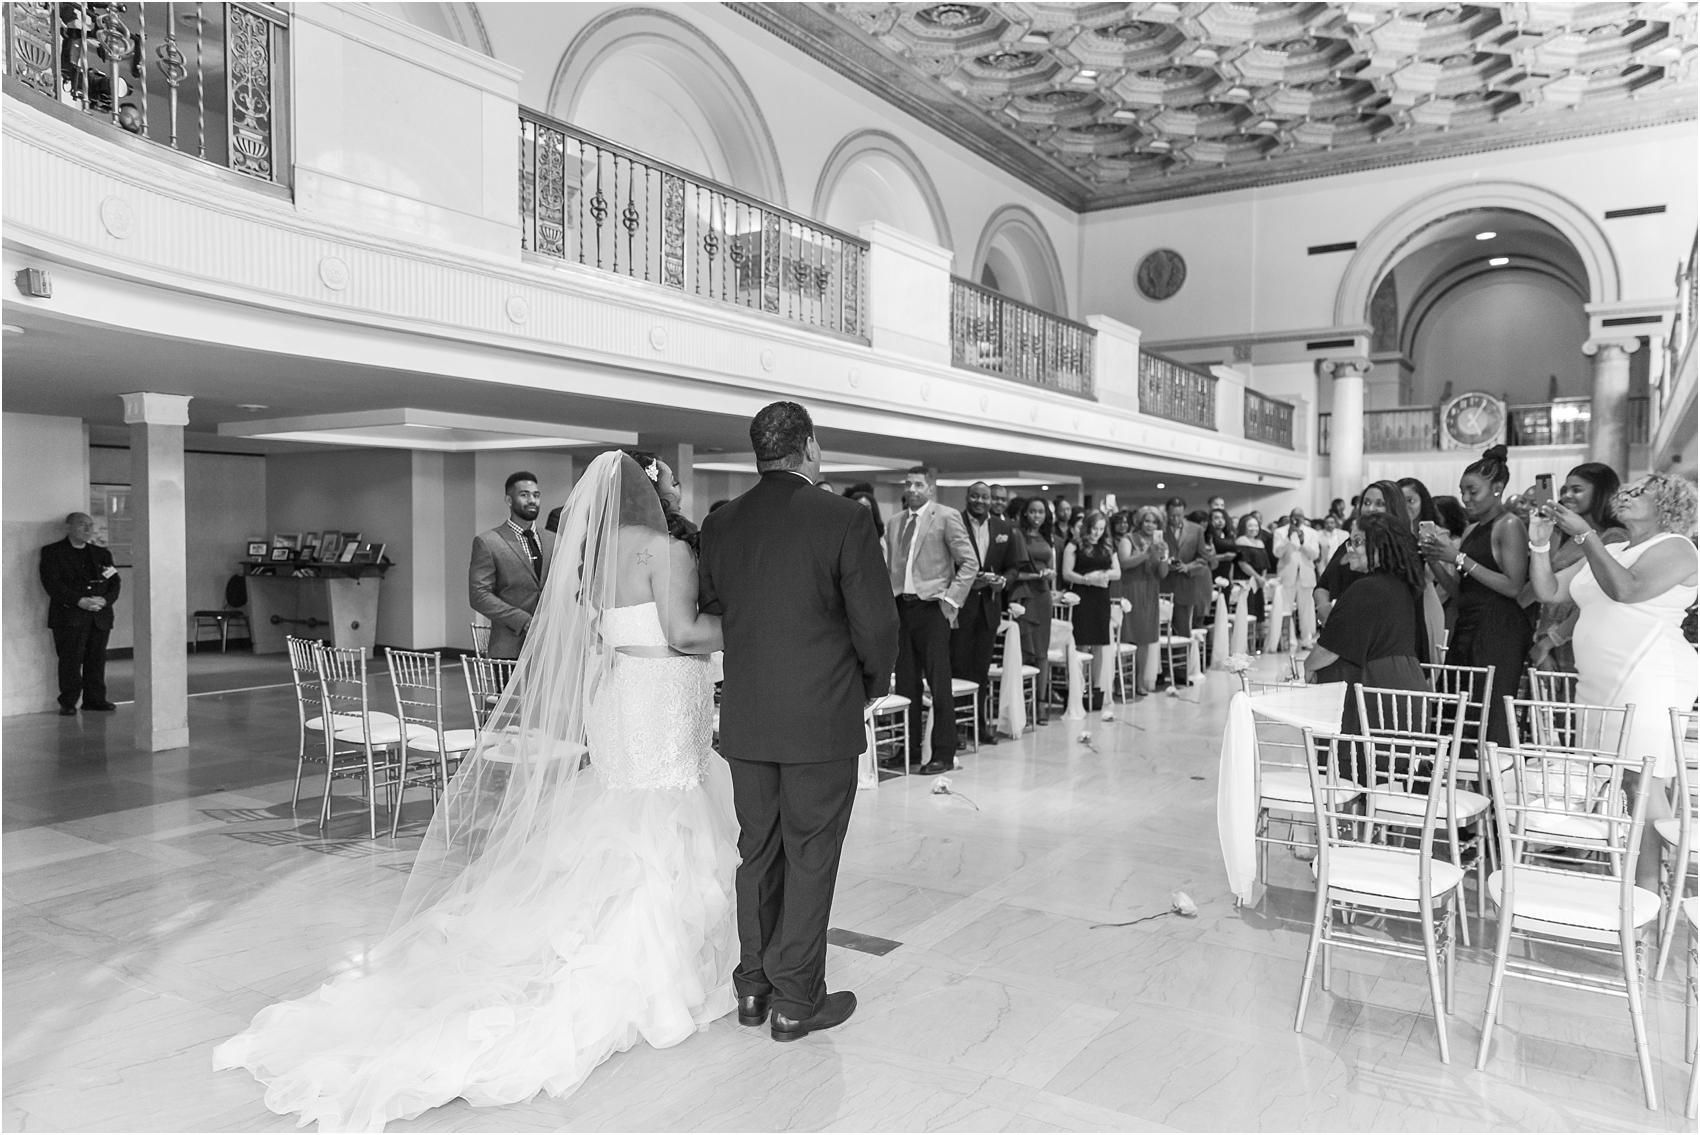 minimalist-and-modern-wedding-photos-at-30-north-saginaw-in-pontiac-michigan-by-courtney-carolyn-photography_0035.jpg